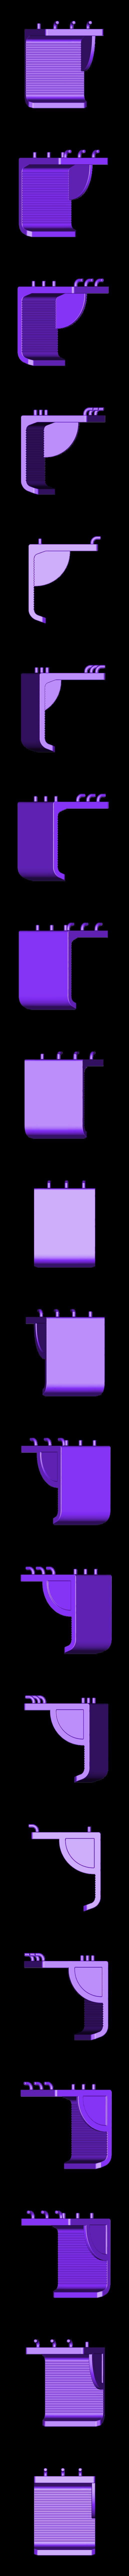 enforce_4500_test_seitenwand.stl Download free STL file XXL Sledgehammer Holder (4.5kg/10lb) 033 I ENFORCE I for screws or peg board • 3D print design, Wiesemann1893